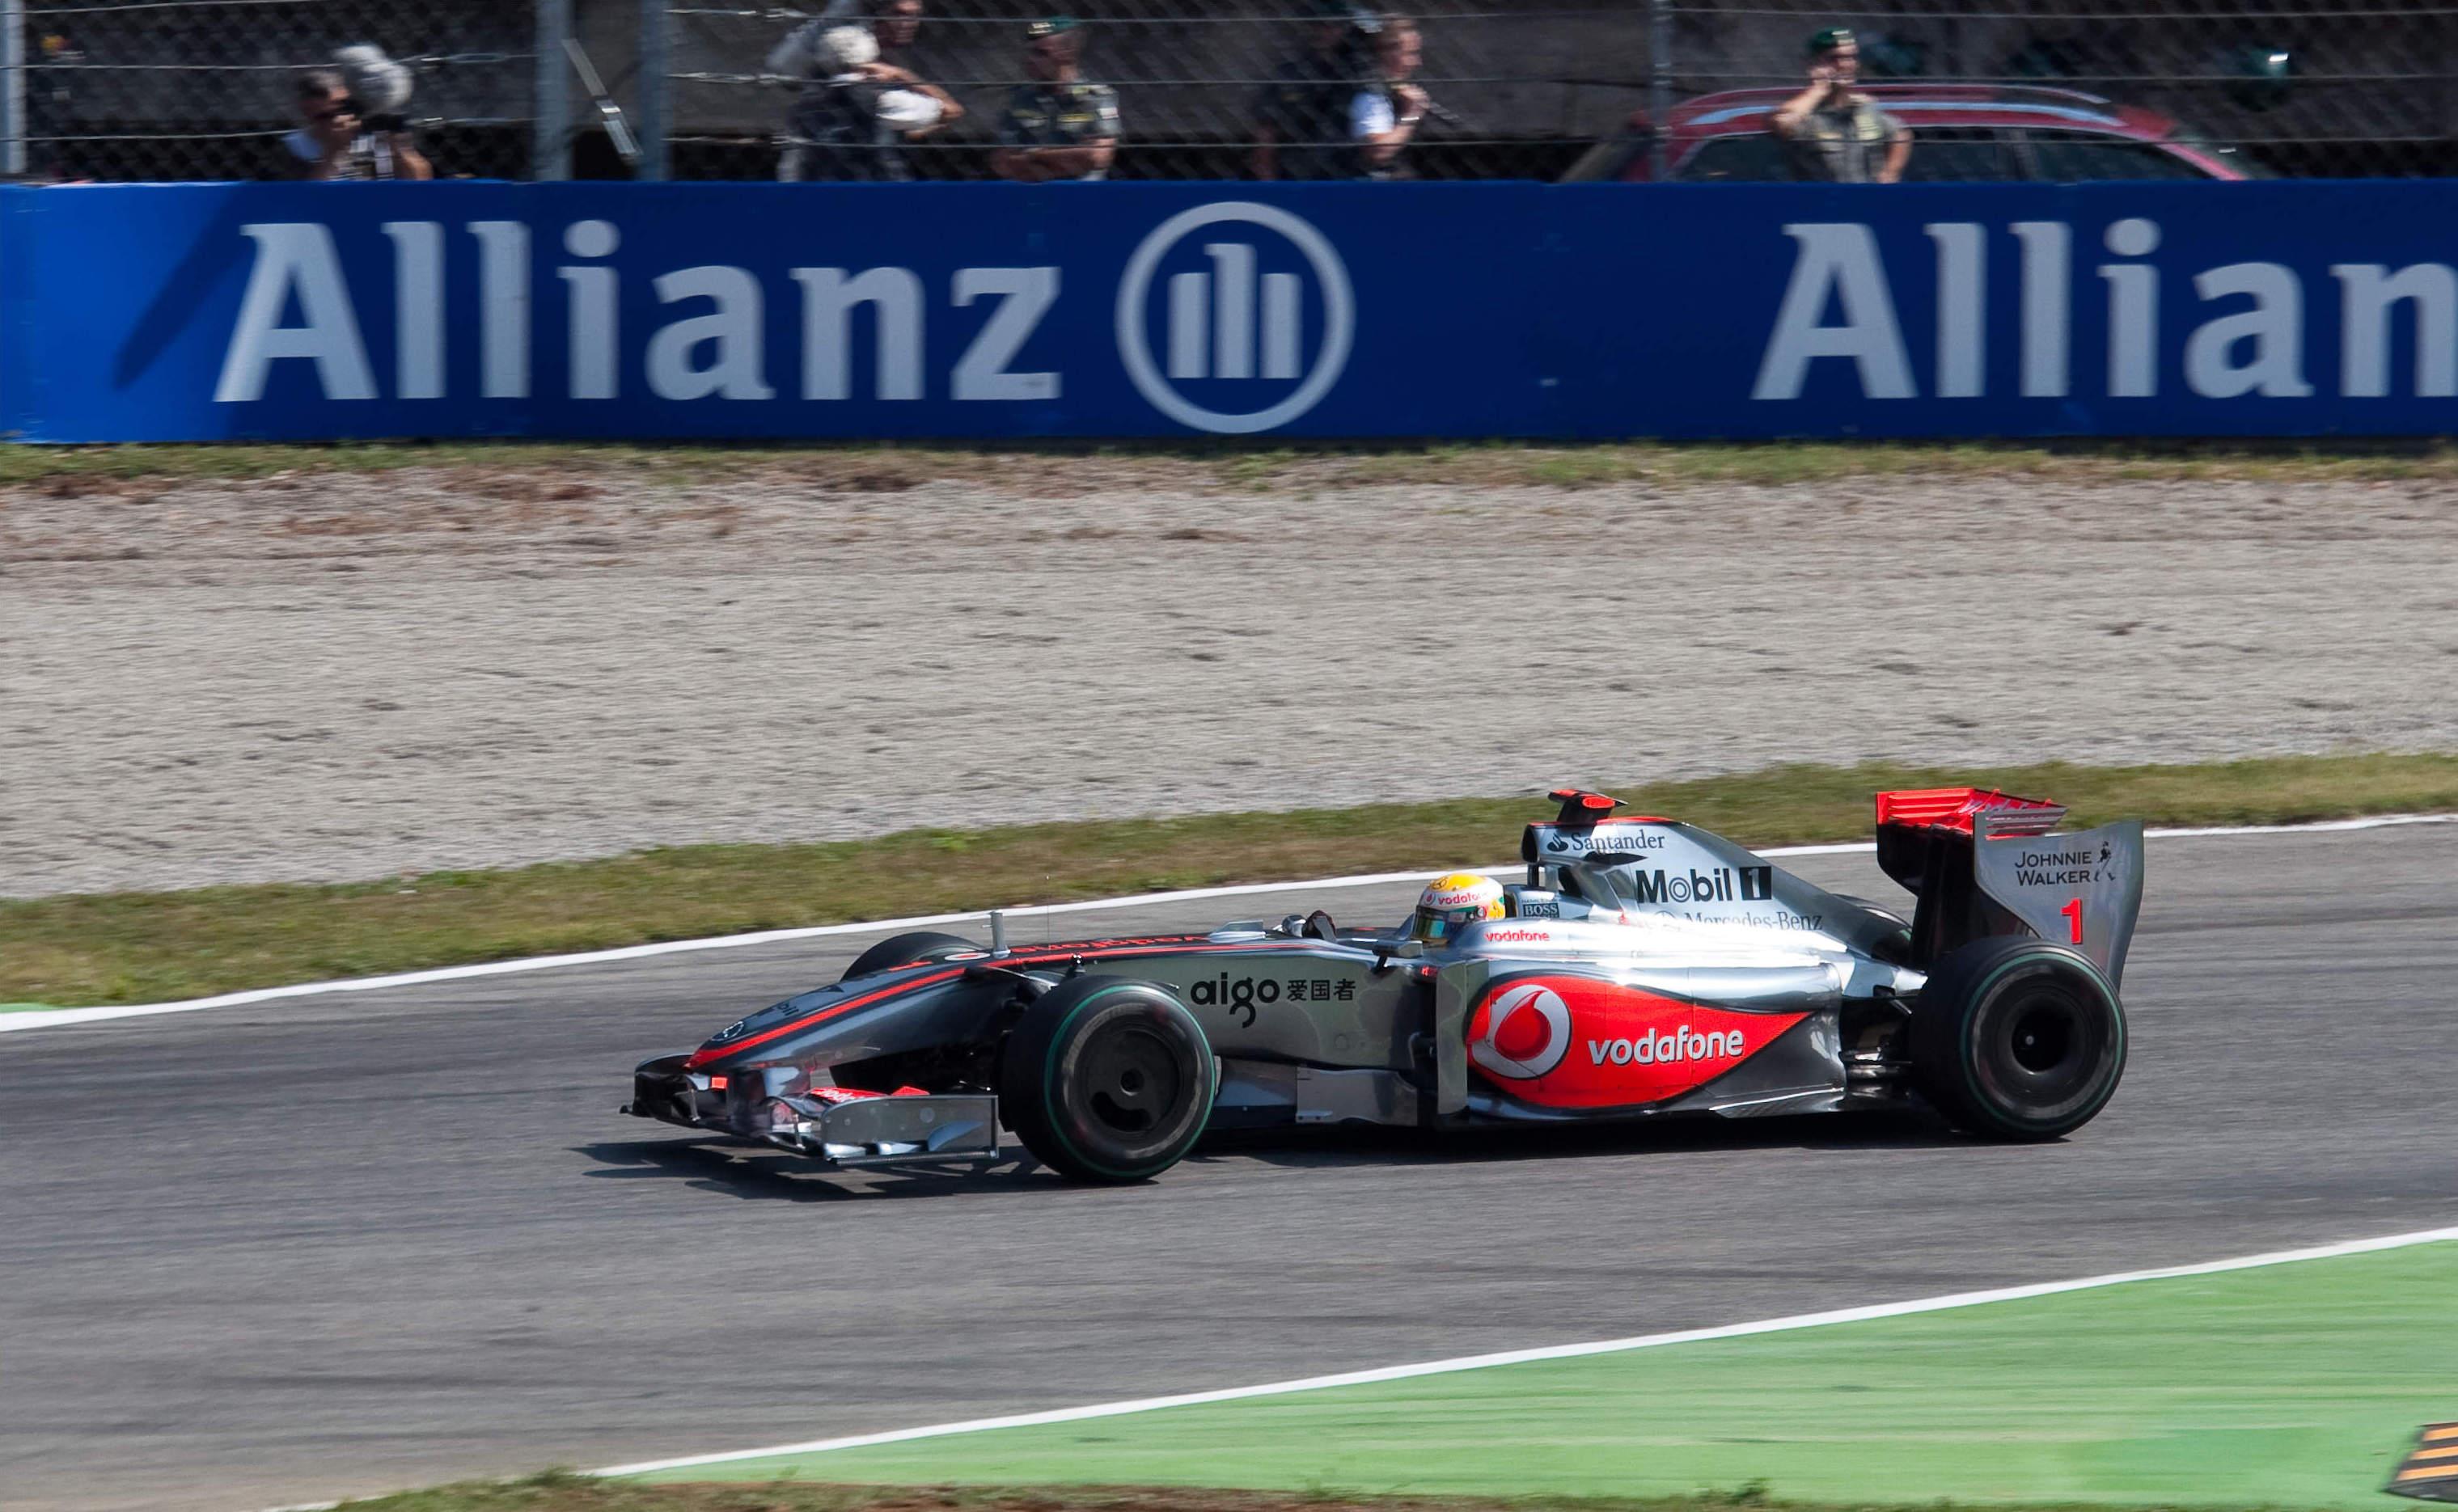 Lewis Hamilton 2009 File:lewis Hamilton 2009 Italy